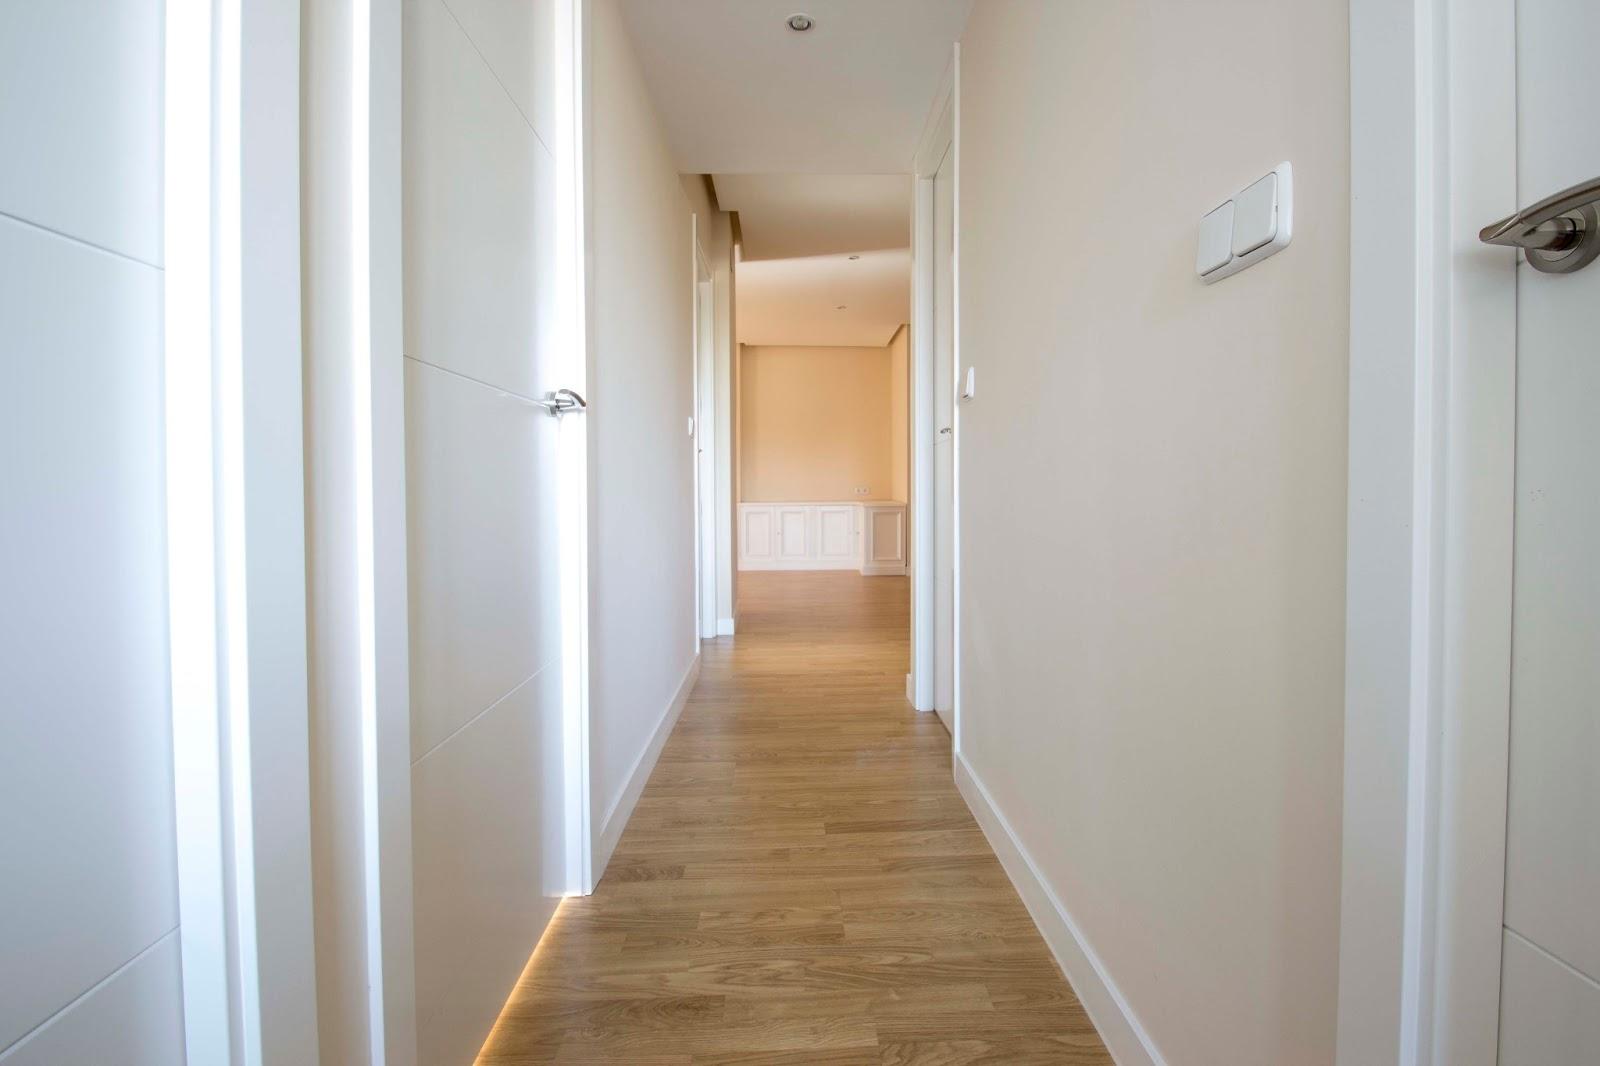 Cuanto cuesta amueblar una casa cheap mayo amueblar la - Cuanto cuesta una reforma integral de un piso ...